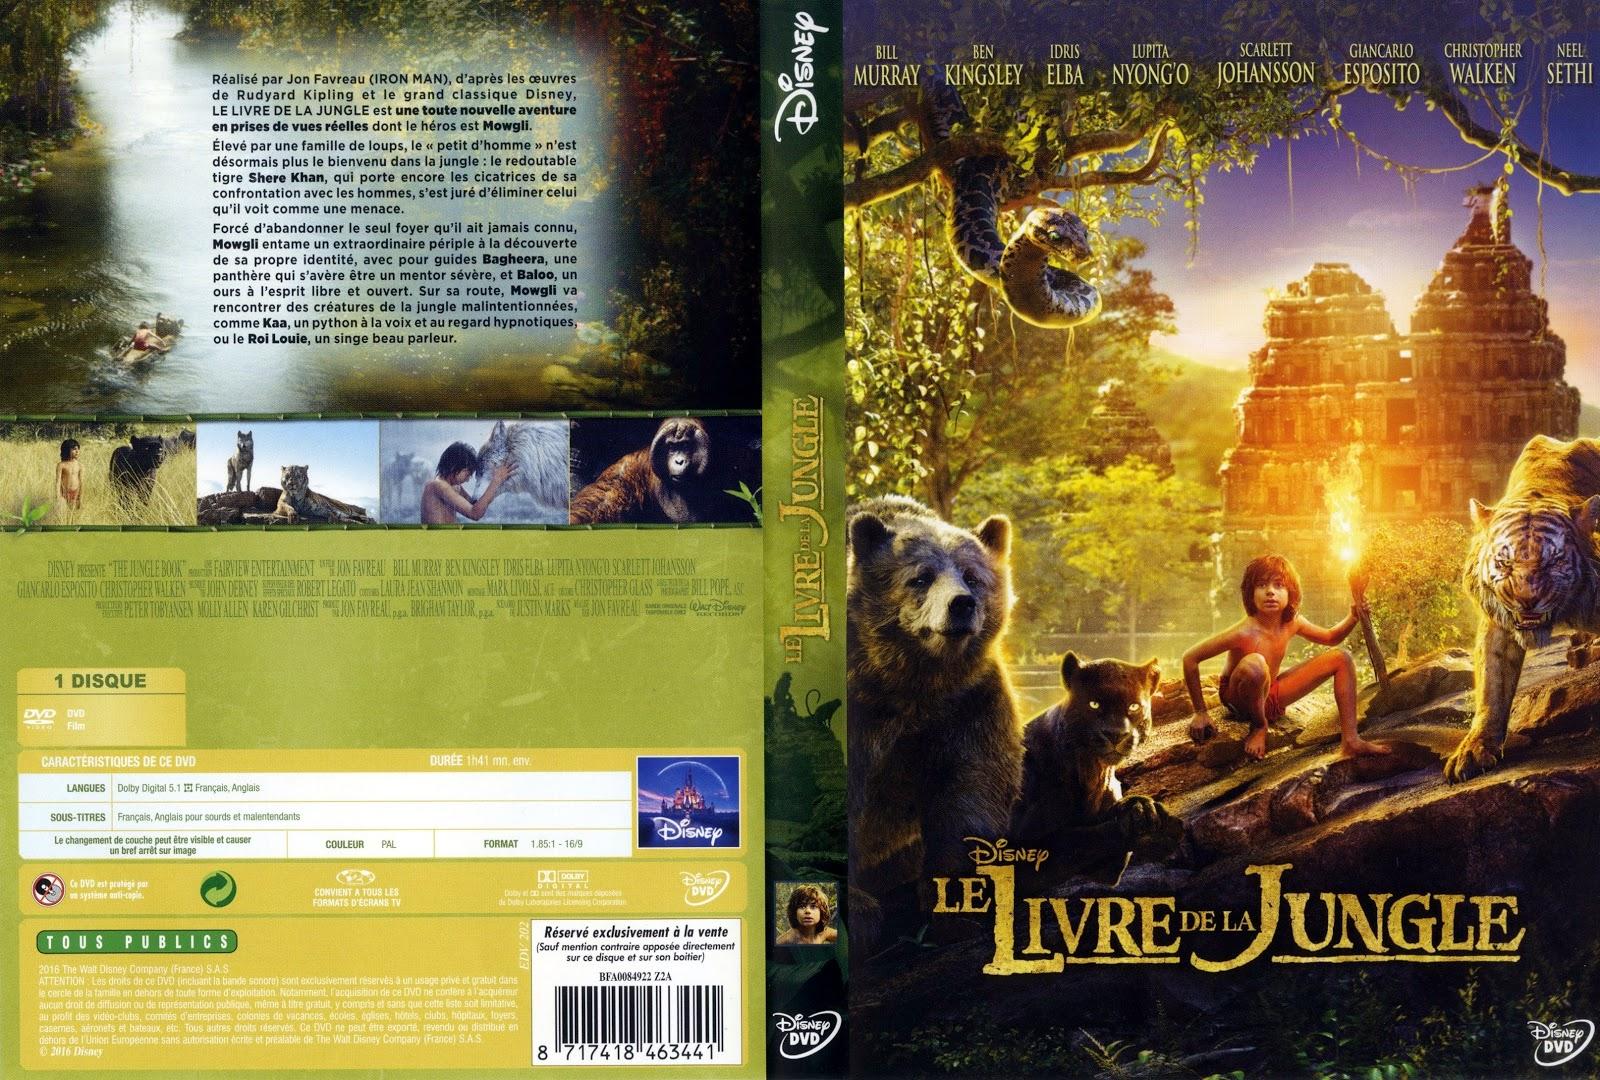 Jaquette dvd jaquette dvd le livre de la jungle 2016 for Le livre de